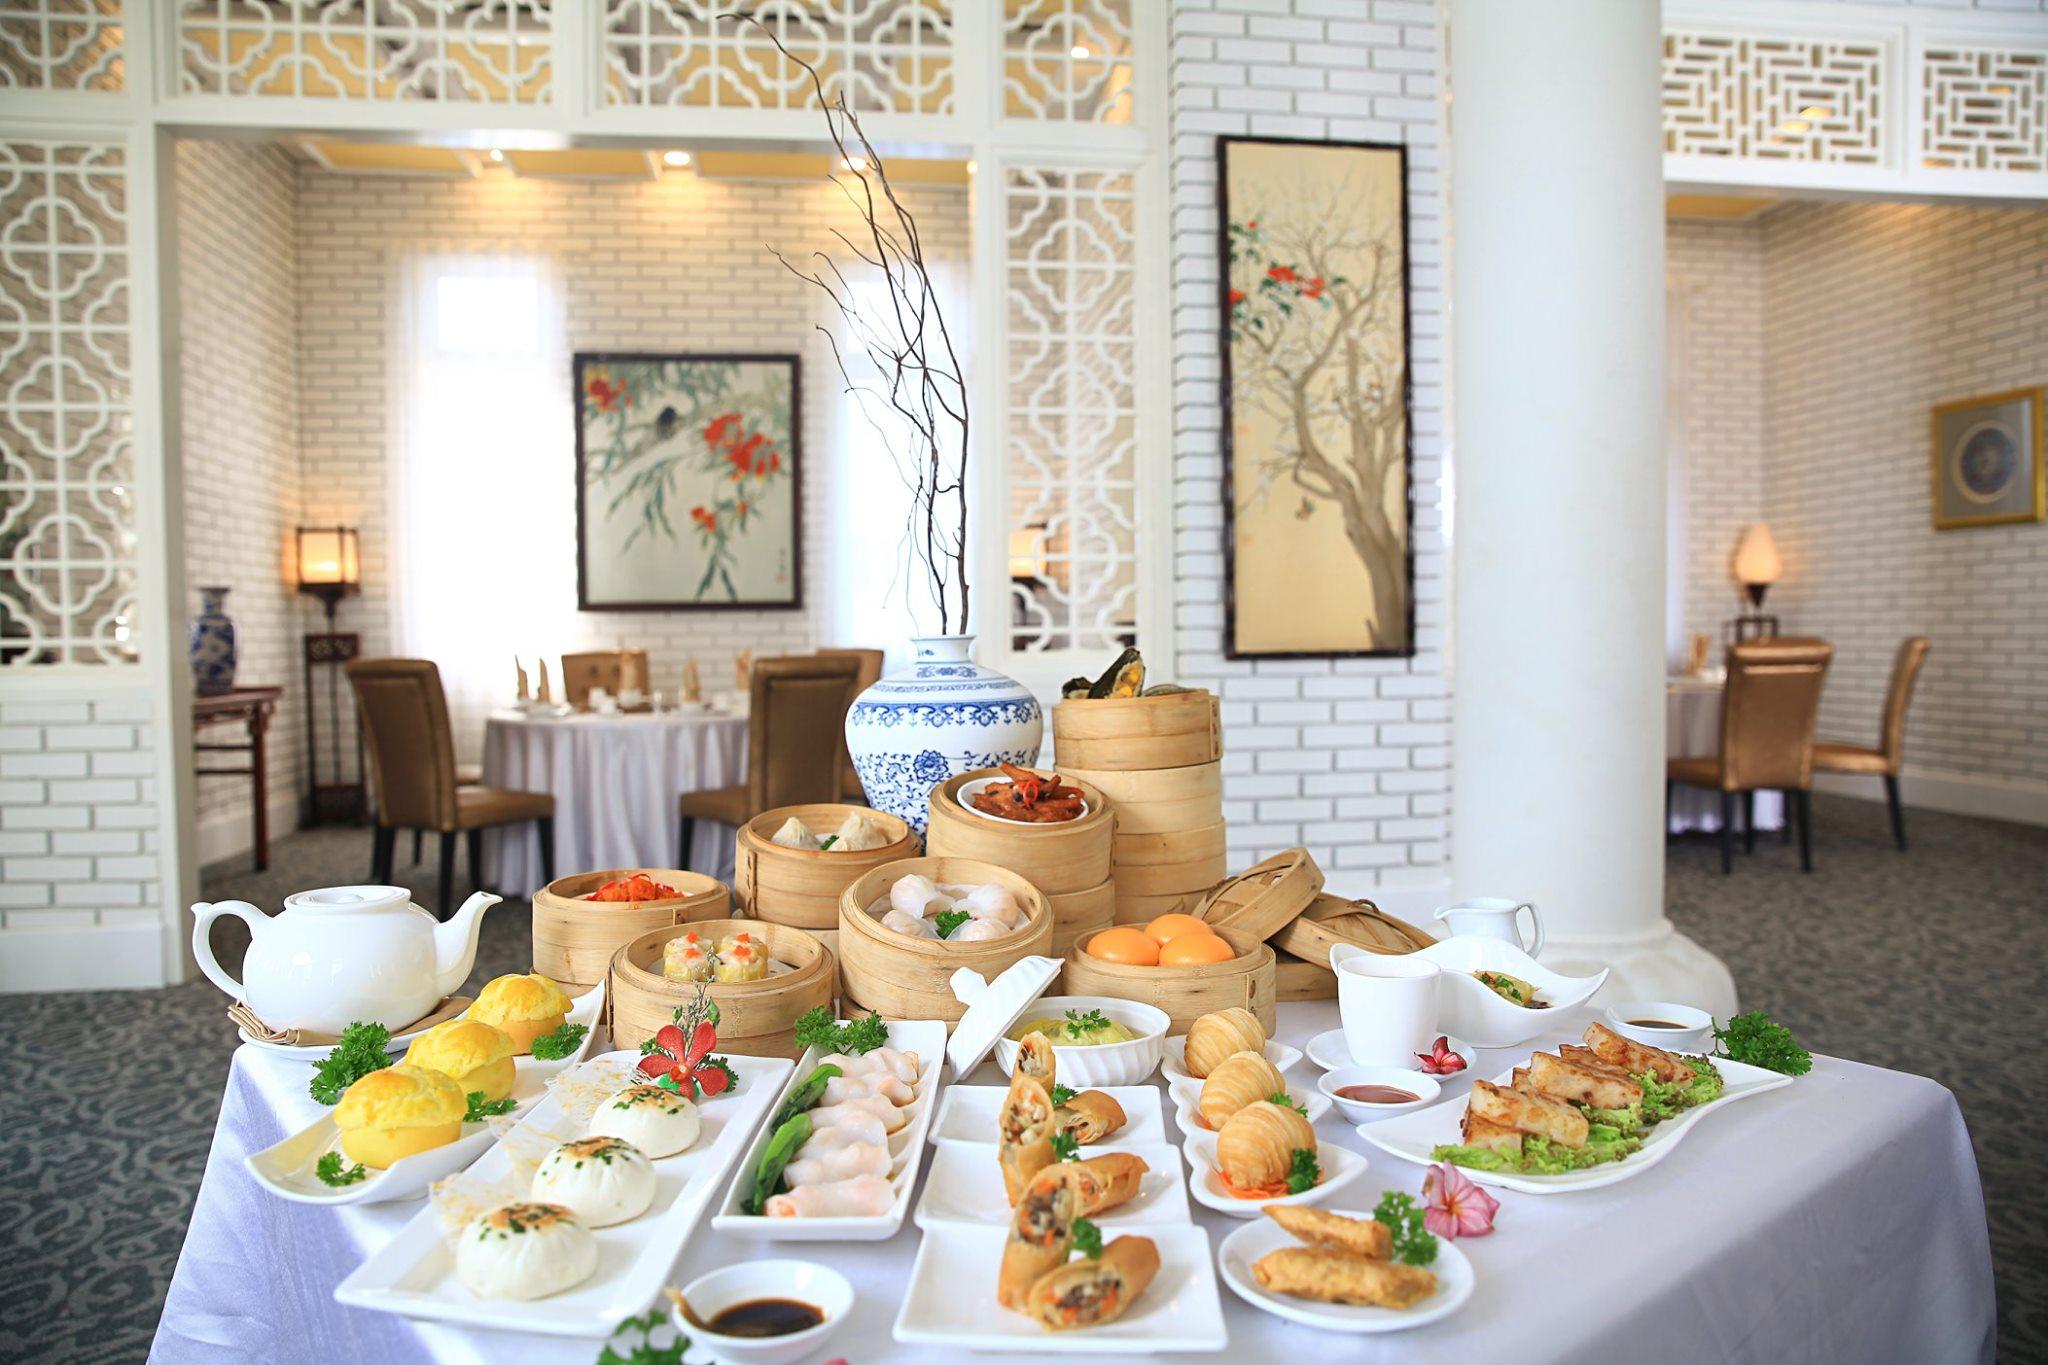 hong kong-themed restaurant shang garden